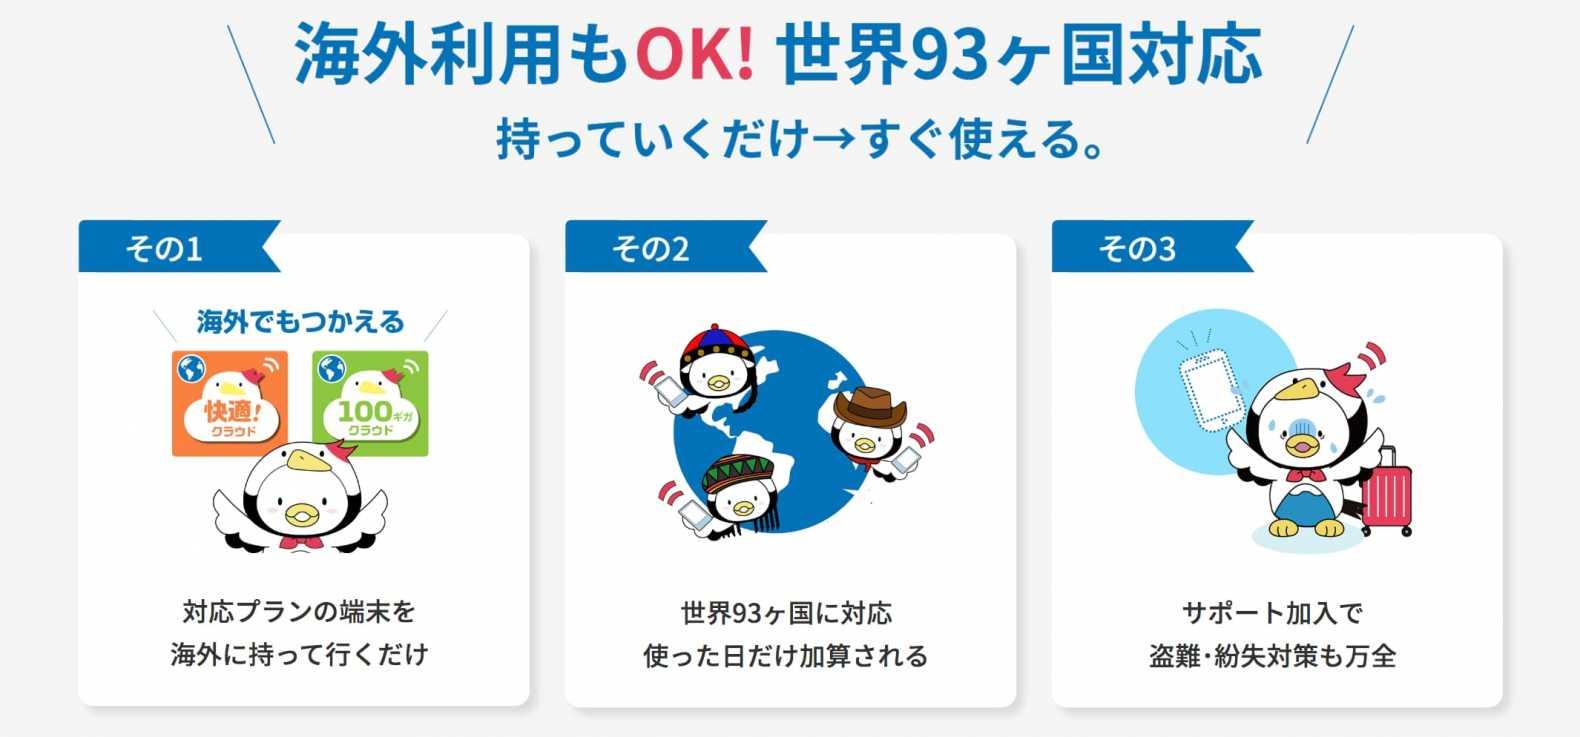 海外でのご利用について - FUJI-Wifi Official - fuji-wifi.jp